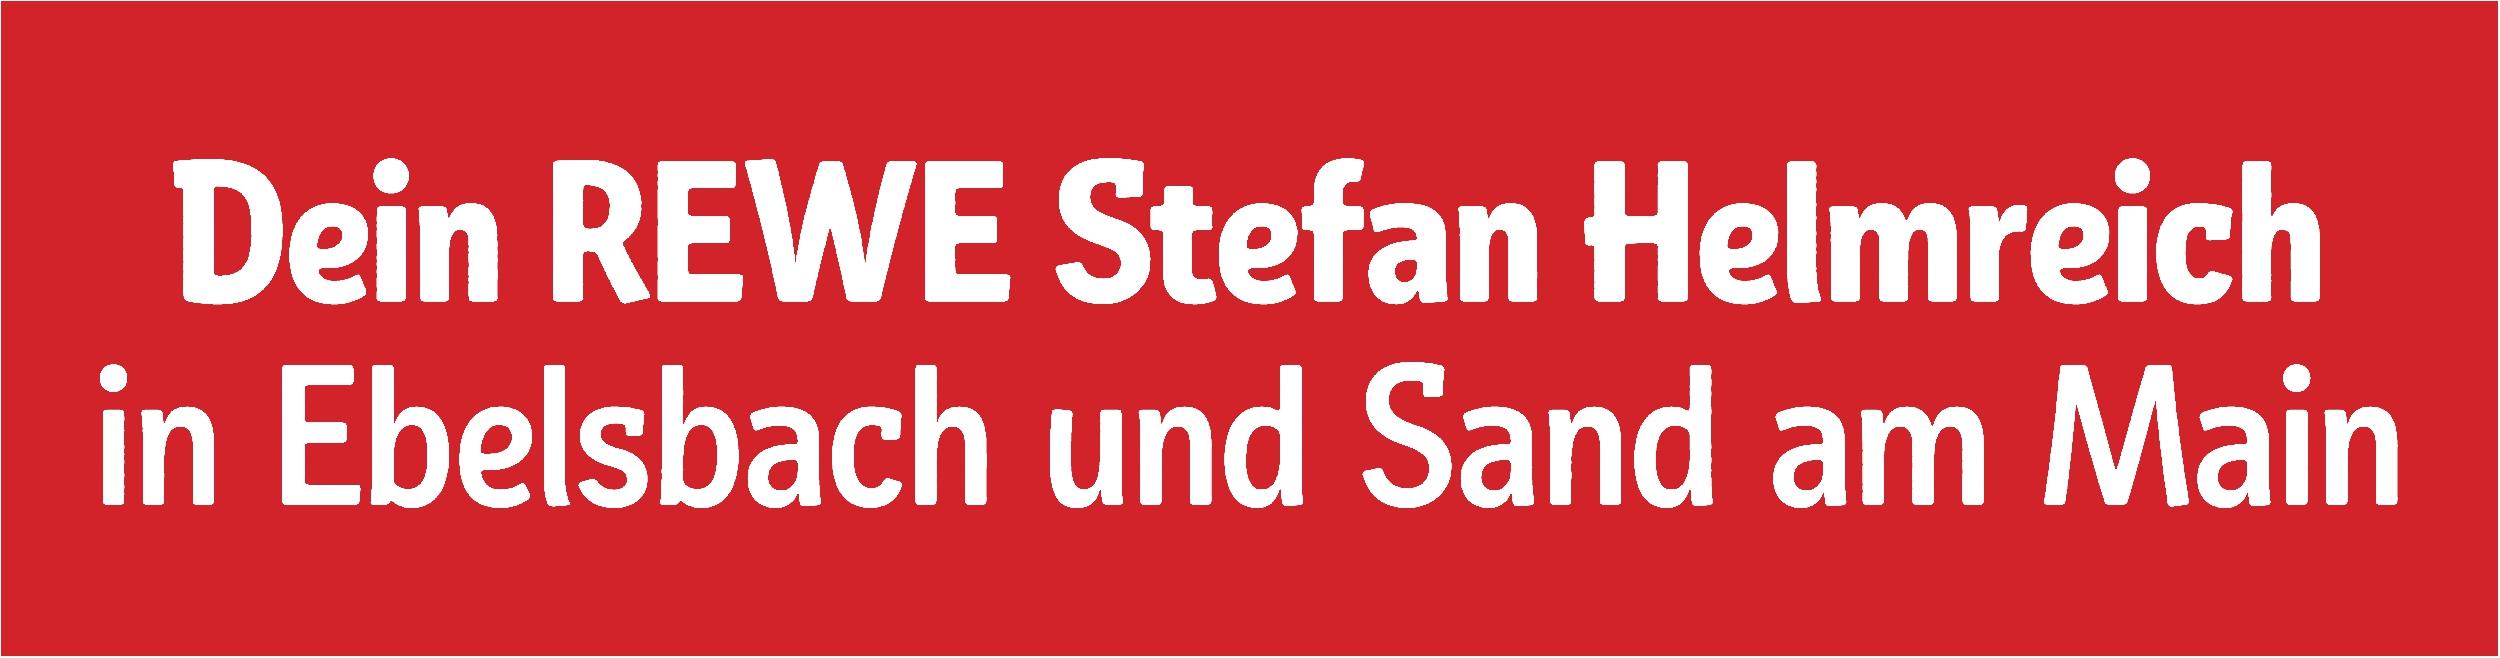 FC Sand korbmacher11 partner partner 1628249007